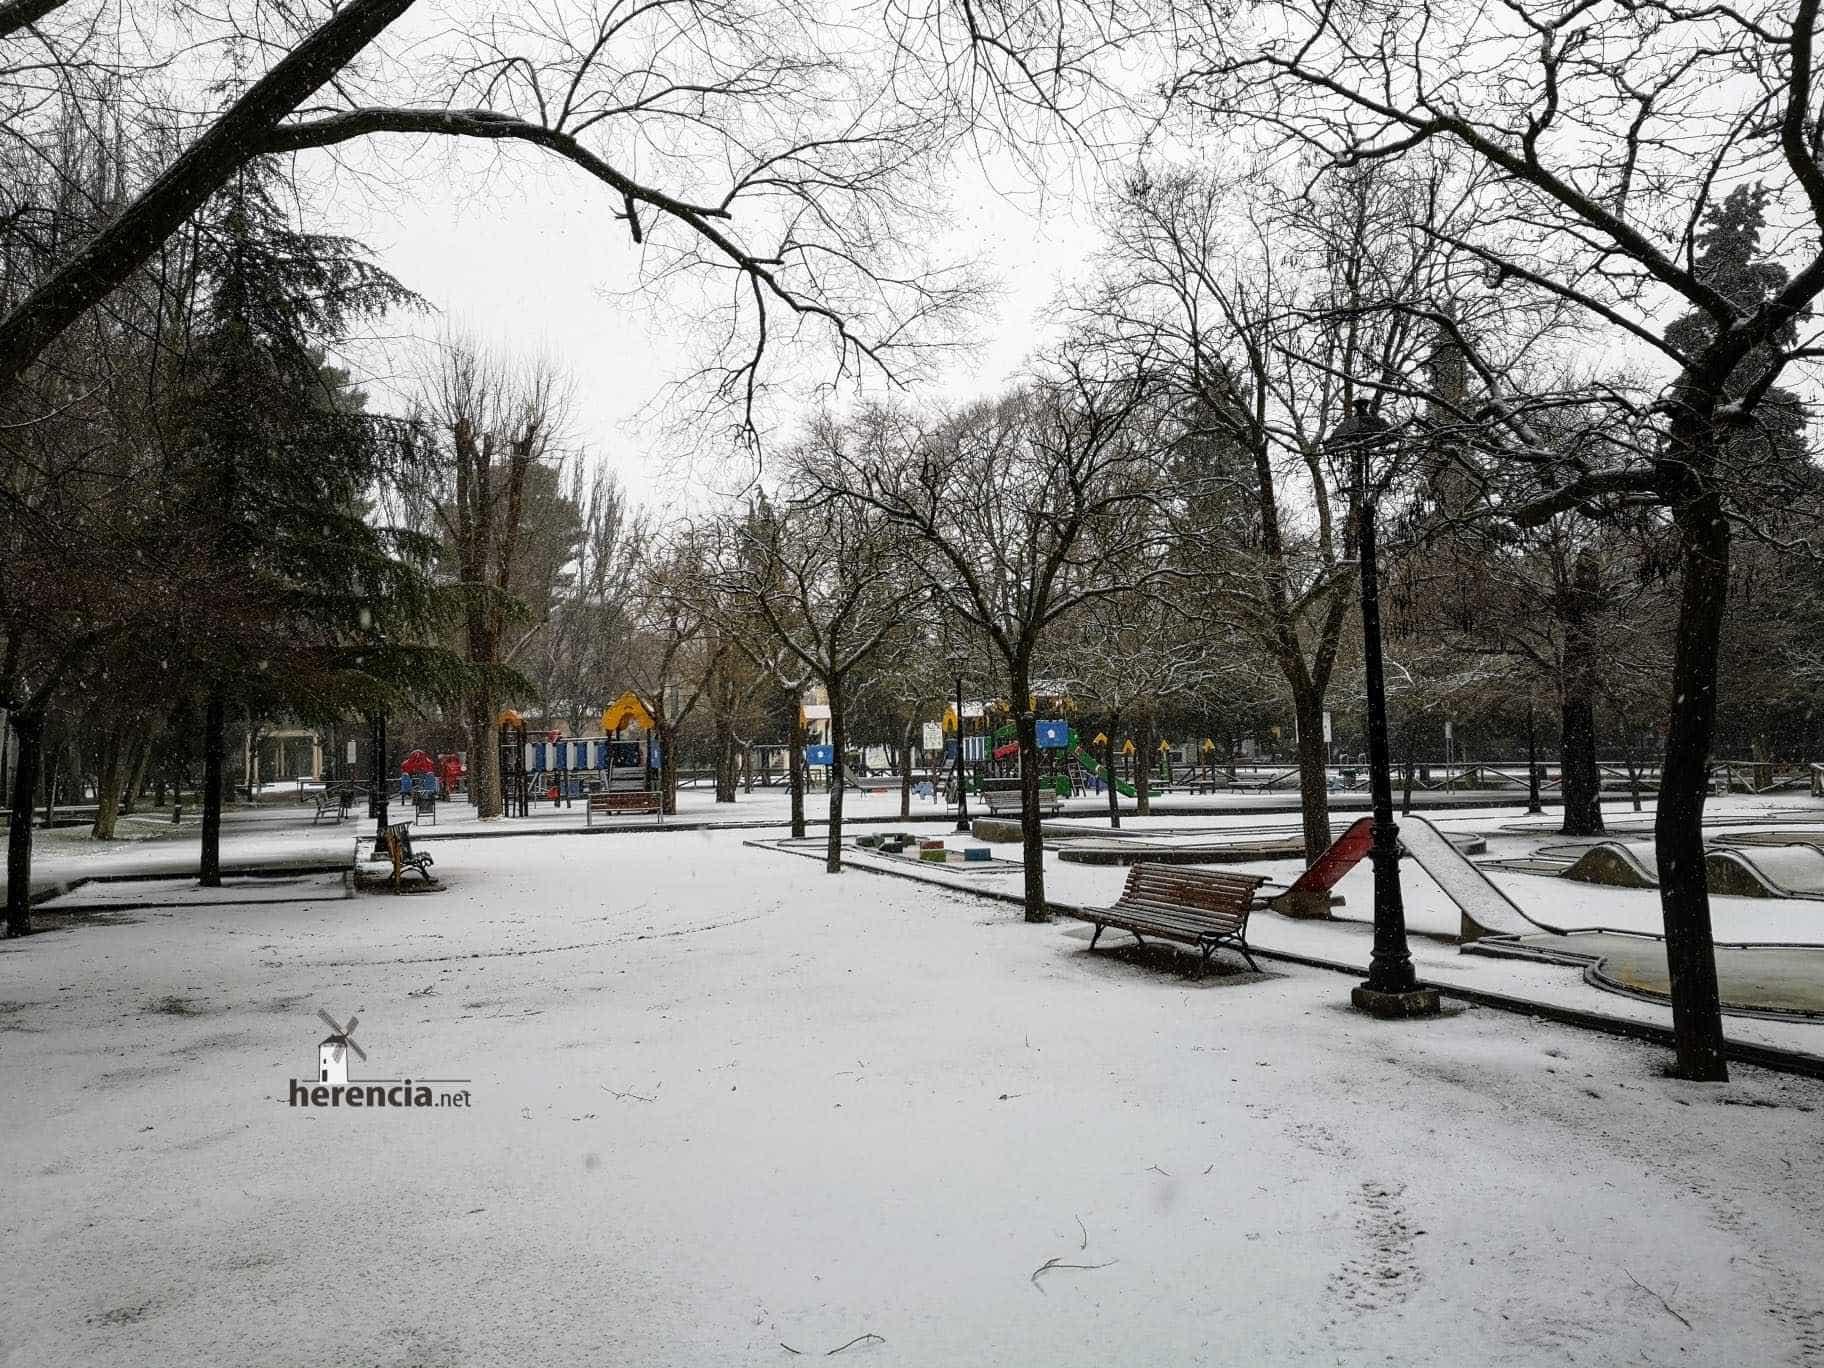 Las nevadas llegan Herencia y a toda Castilla-La Mancha (actualizado) 111